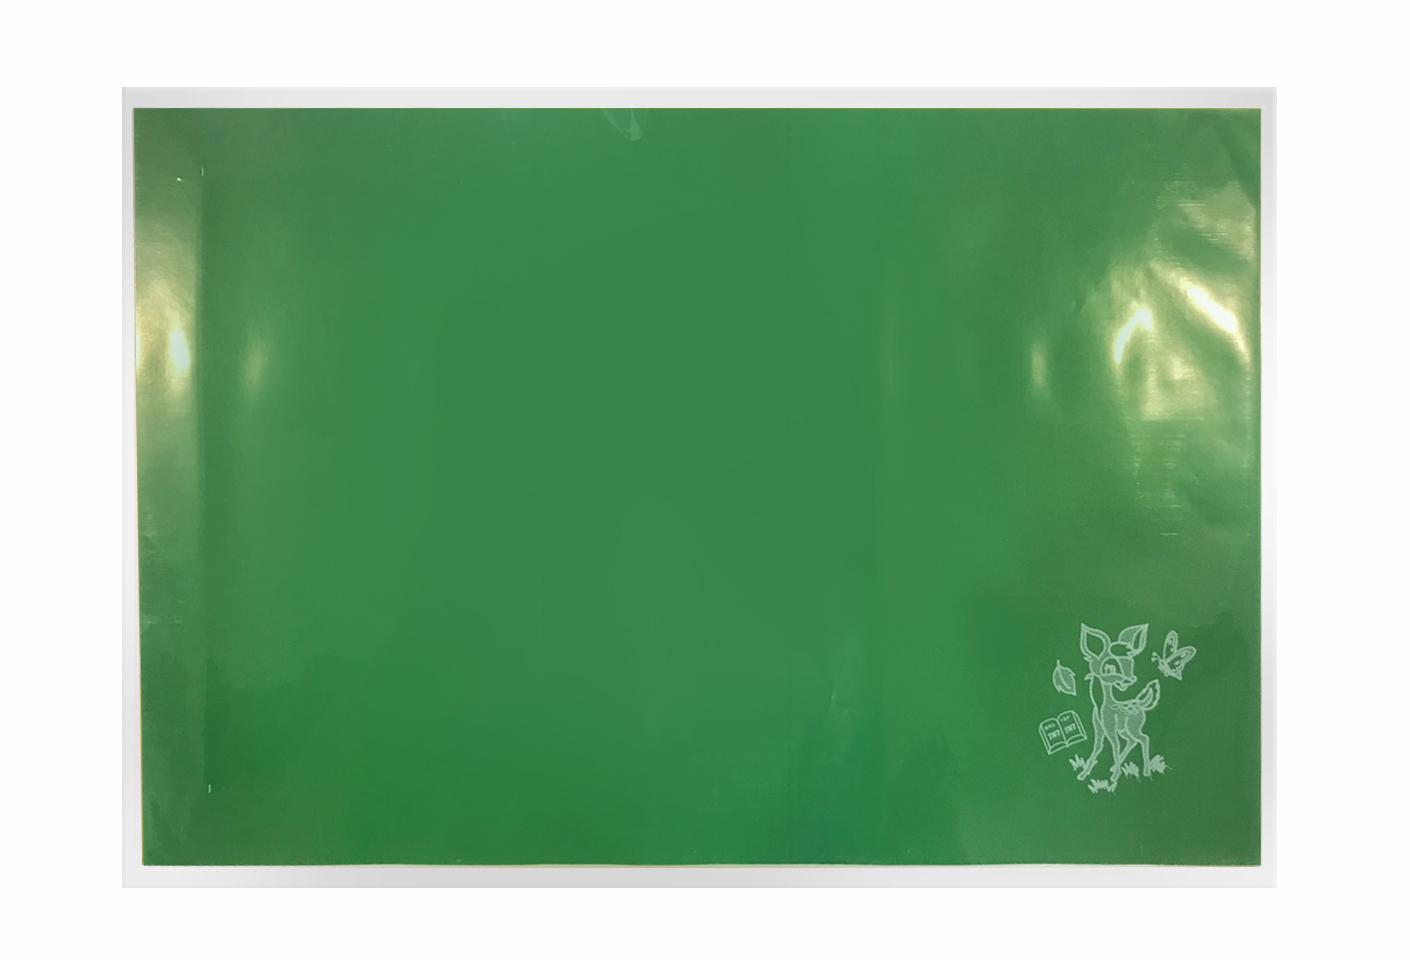 Mua Bao tập + Giấy màu Lá TN (25 tờ/xấp)